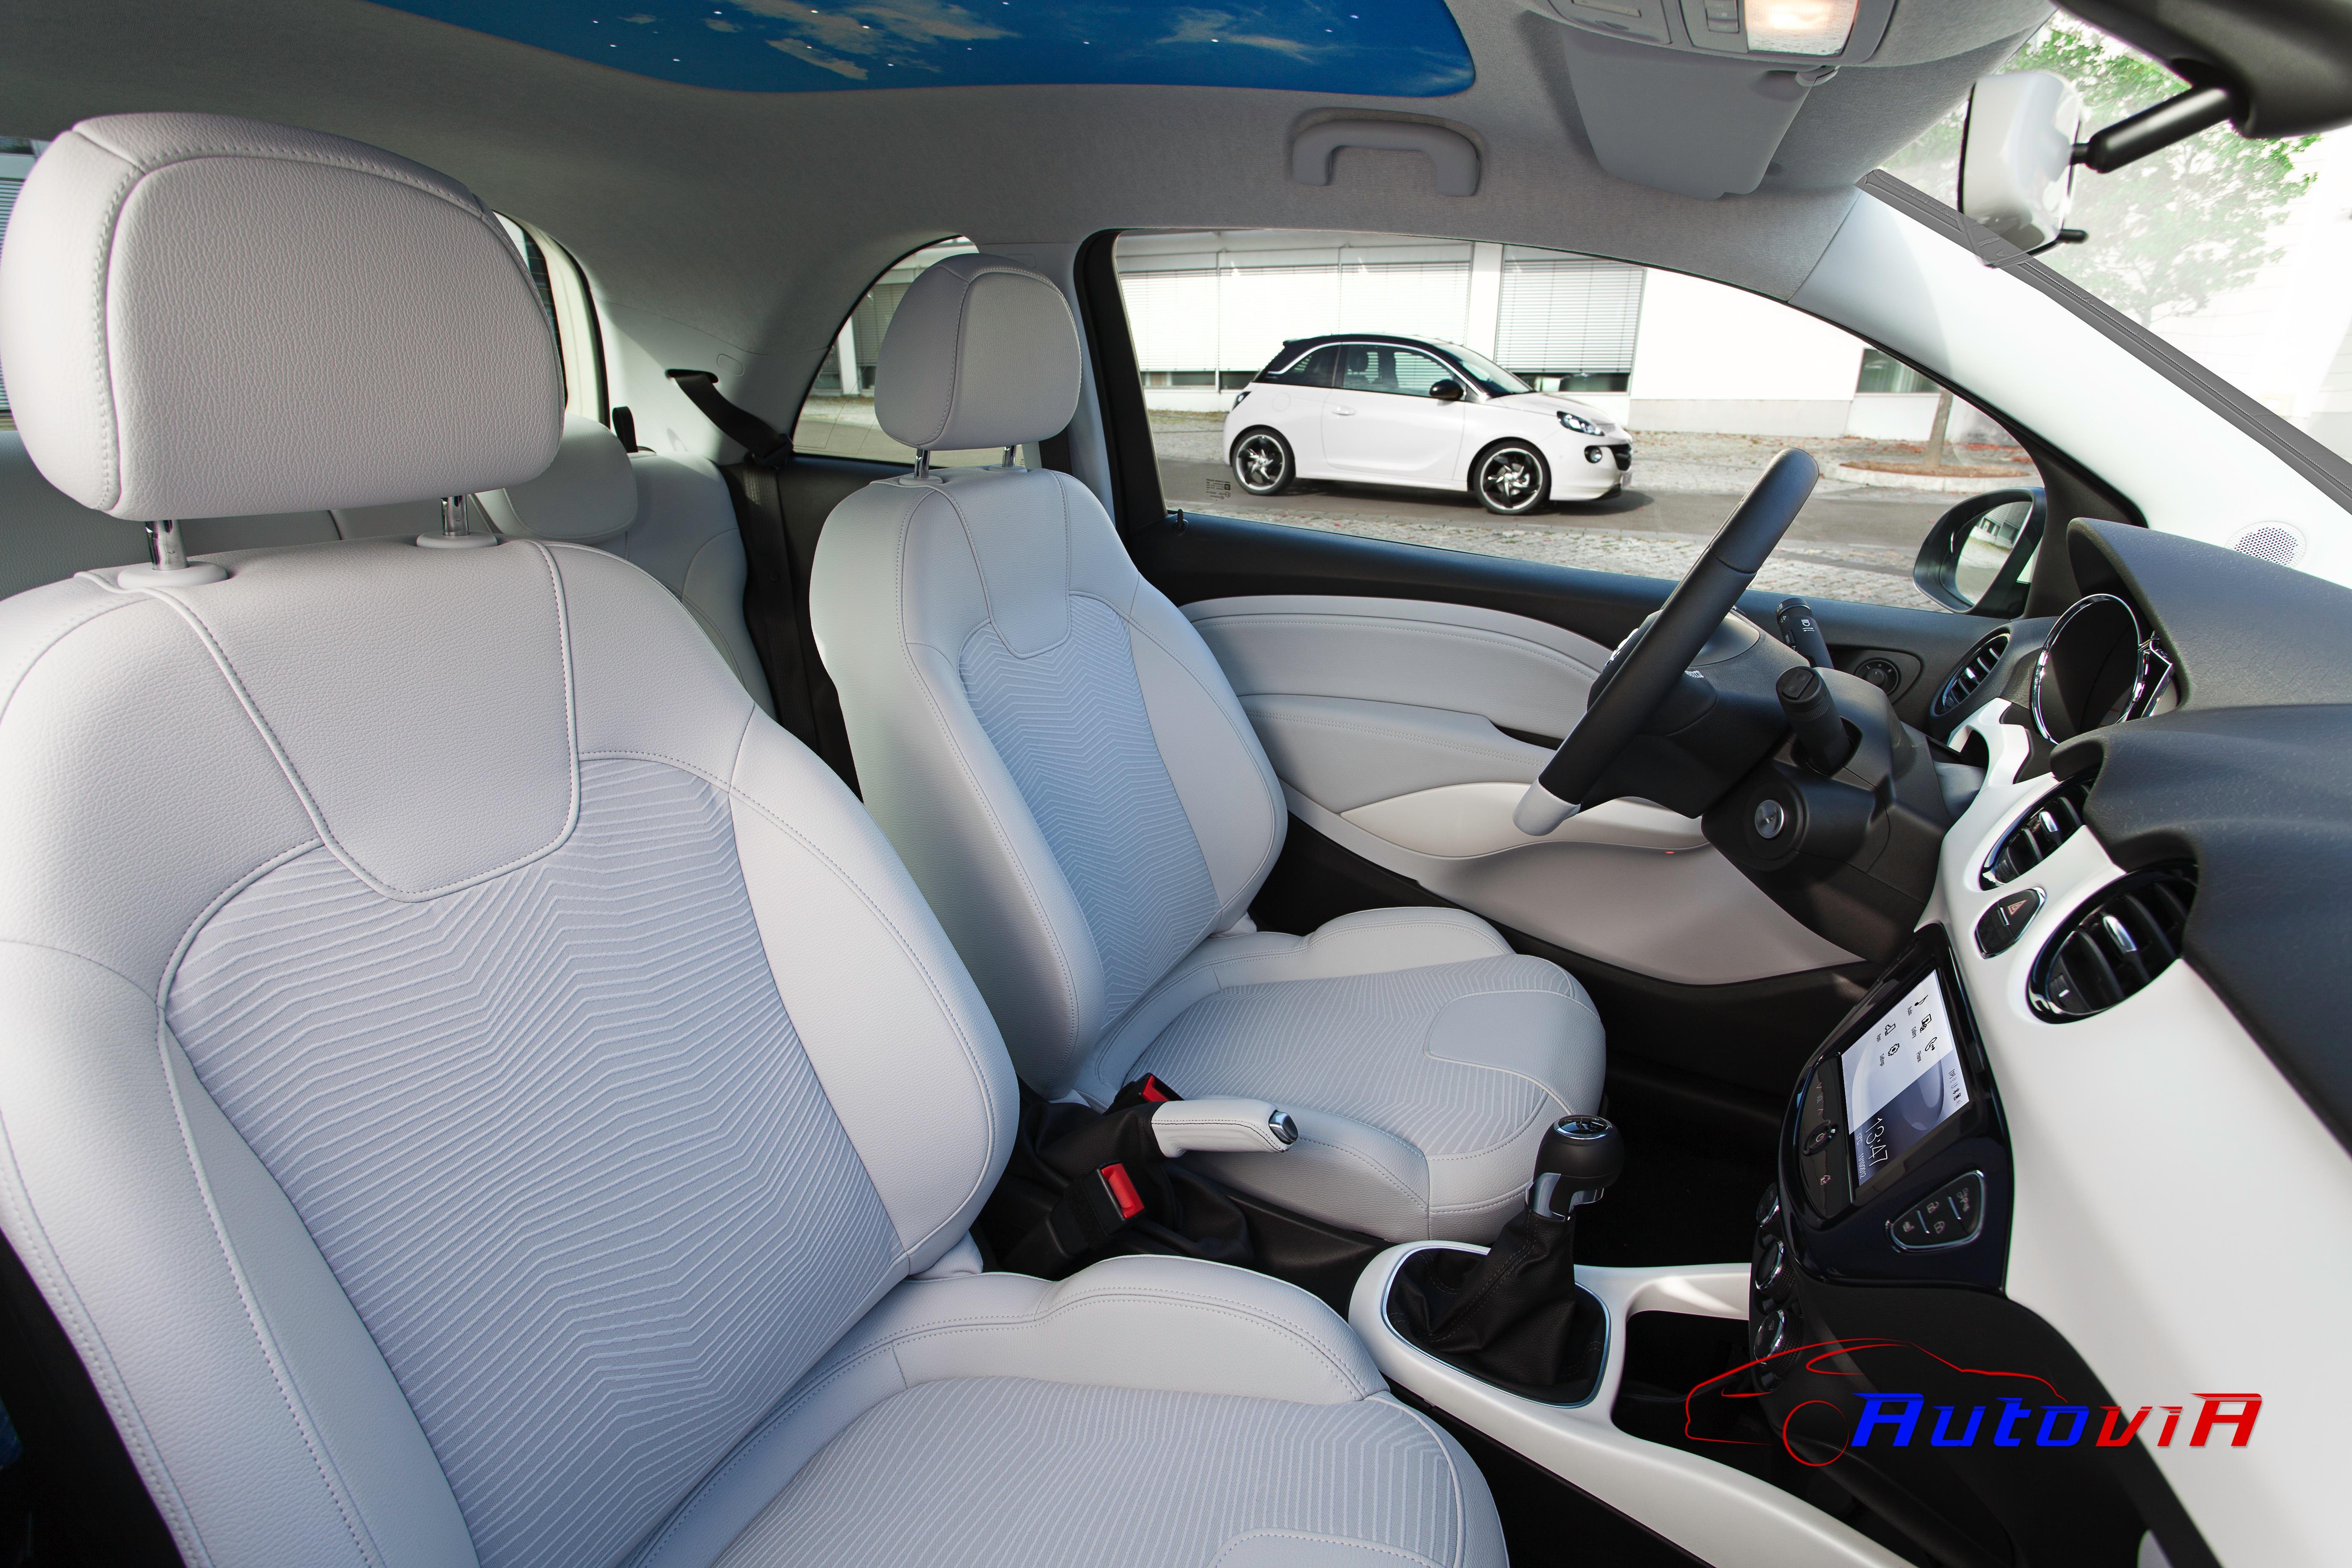 Opel adam 2012 interior 026 for Interior opel adam